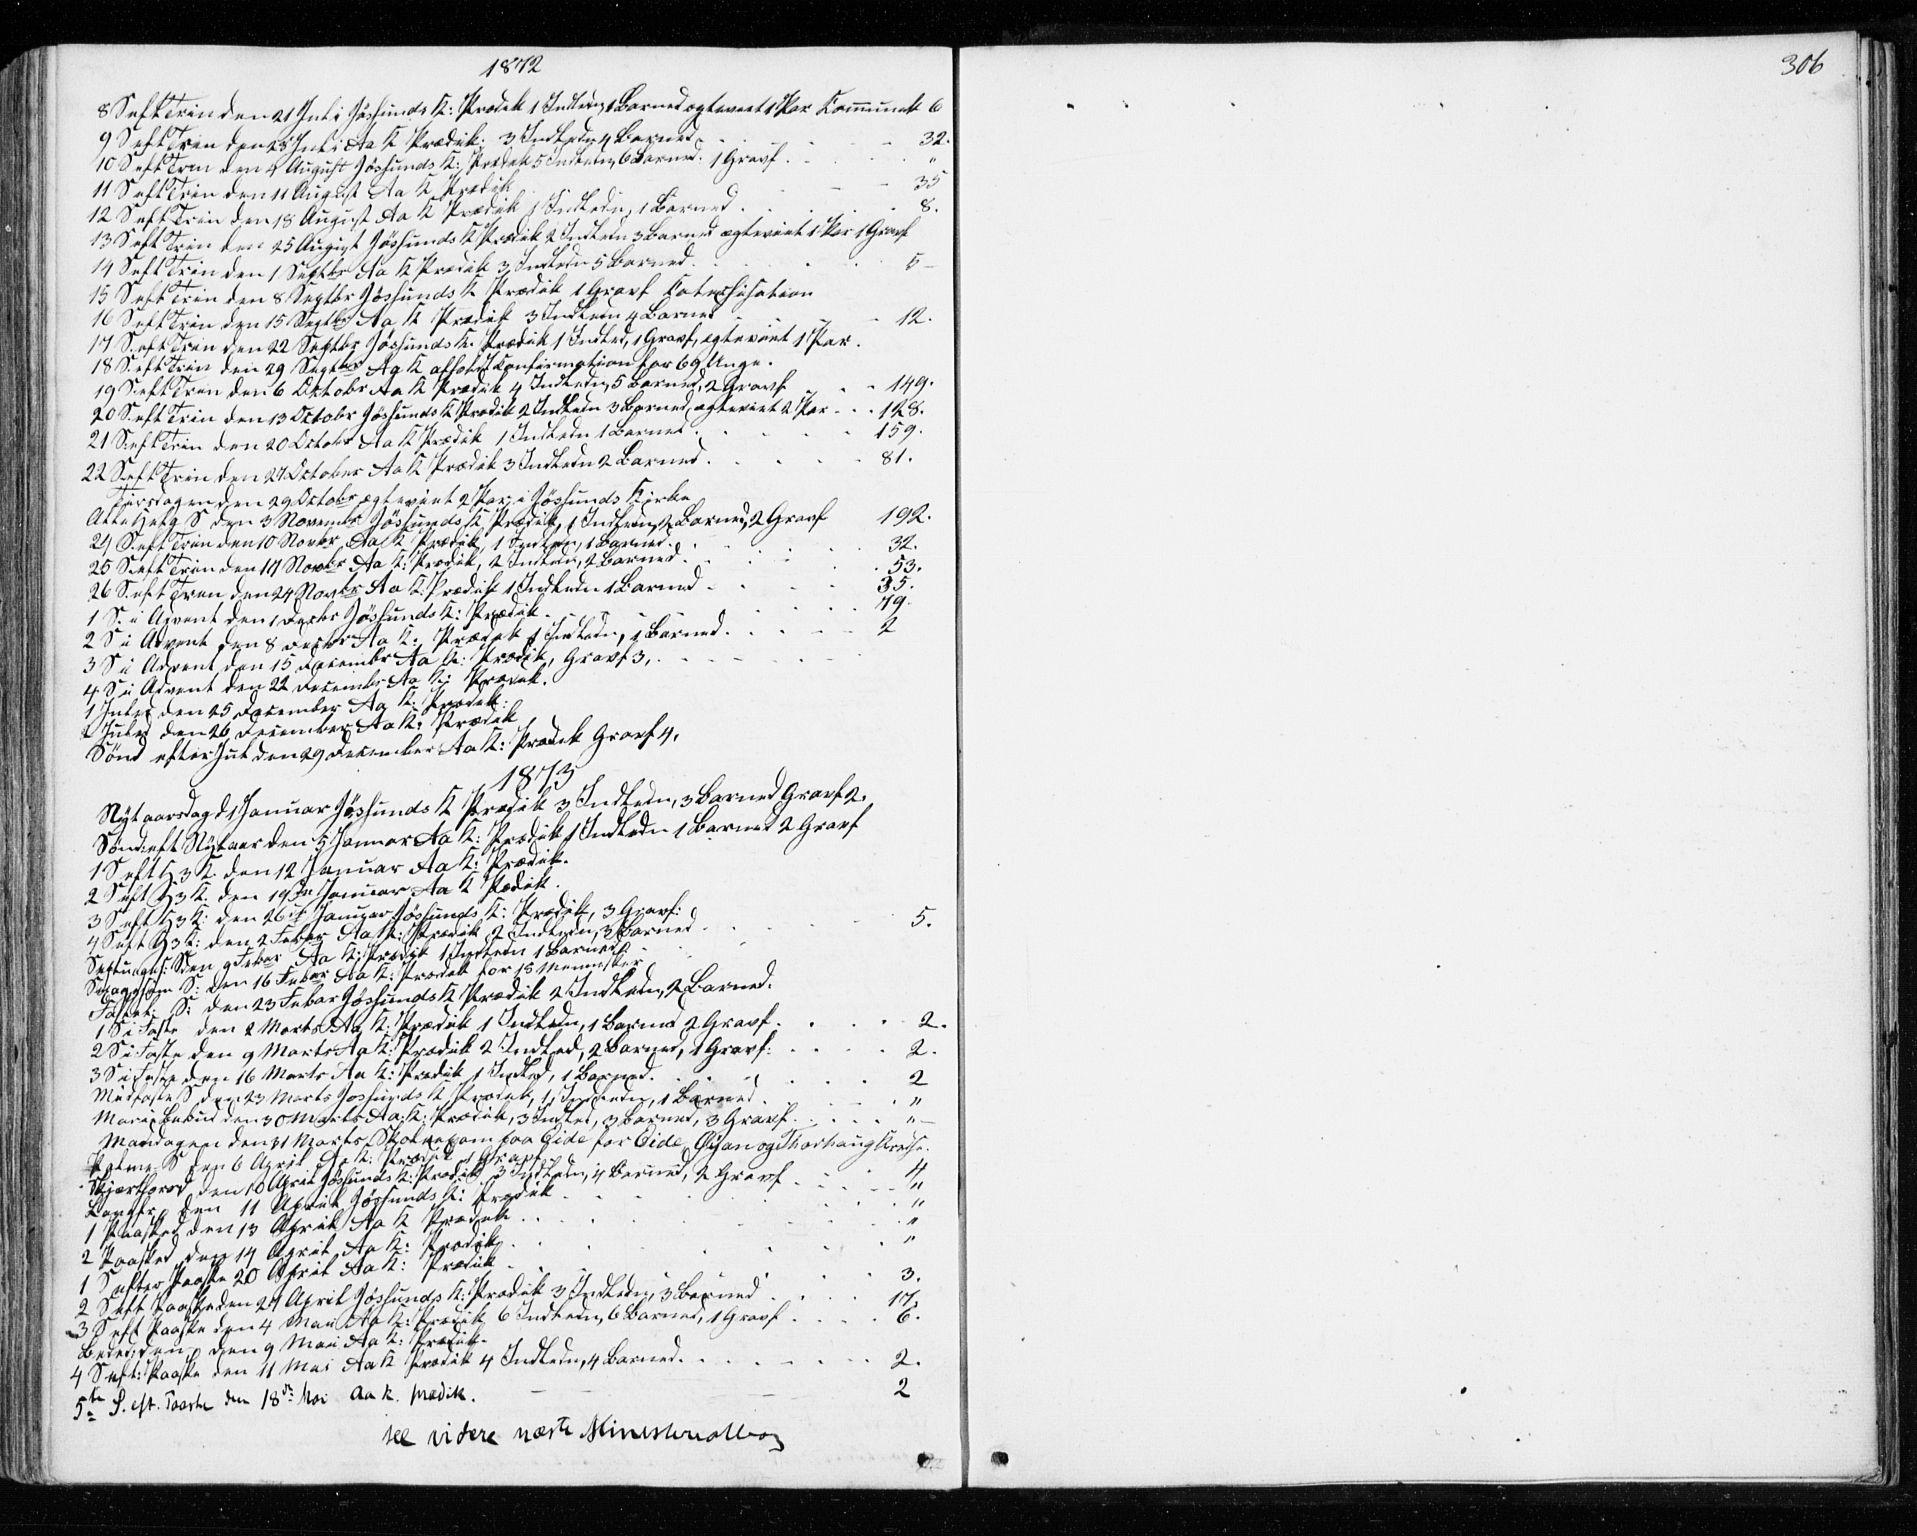 SAT, Ministerialprotokoller, klokkerbøker og fødselsregistre - Sør-Trøndelag, 655/L0678: Ministerialbok nr. 655A07, 1861-1873, s. 306